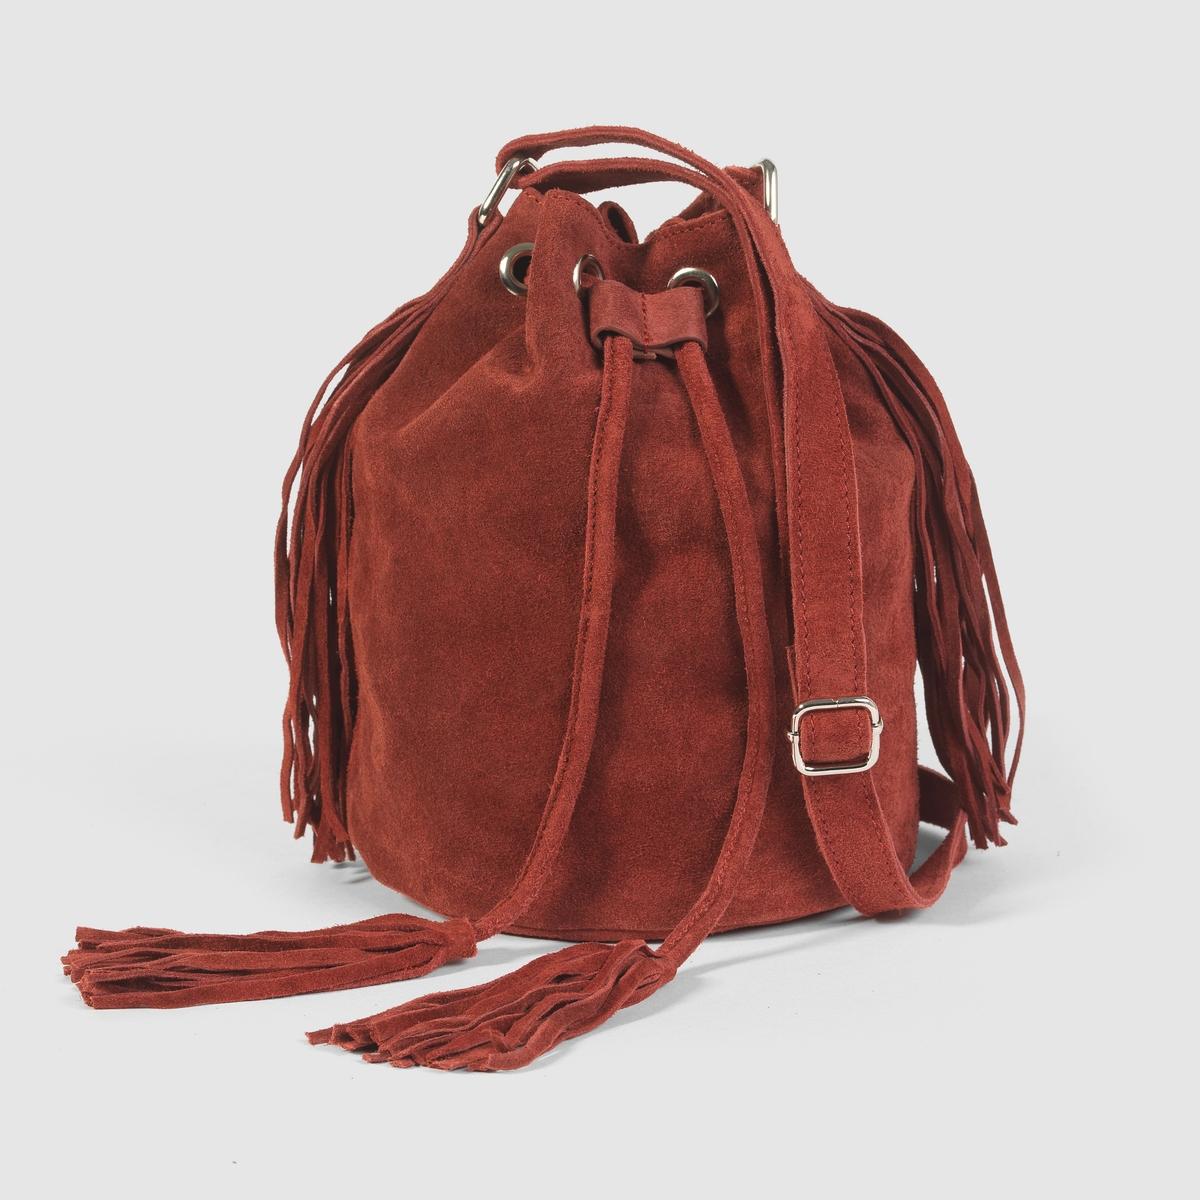 Сумка-торба кожанаяНебольшая сумка-торба из невыделанной кожи, с бахромой, Mademoiselle R .Стильная отделка бахромой и завязка на кулиске для быстрого закрывания  : с этой сумкой хочется отправиться открывать новые городские пространства  ! Состав и описаниеМатериал             верх : спилок                          подкладка : текстильМарка            Mademoiselle RРазмеры :    диаметр 17 см x высота 24 смЗастежка : завязки на кулиске с помпонами на концах из спилка.Регулируемый плечевой ремень.<br><br>Цвет: бордовый,темно-бежевый,черный<br>Размер: единый размер.единый размер.единый размер